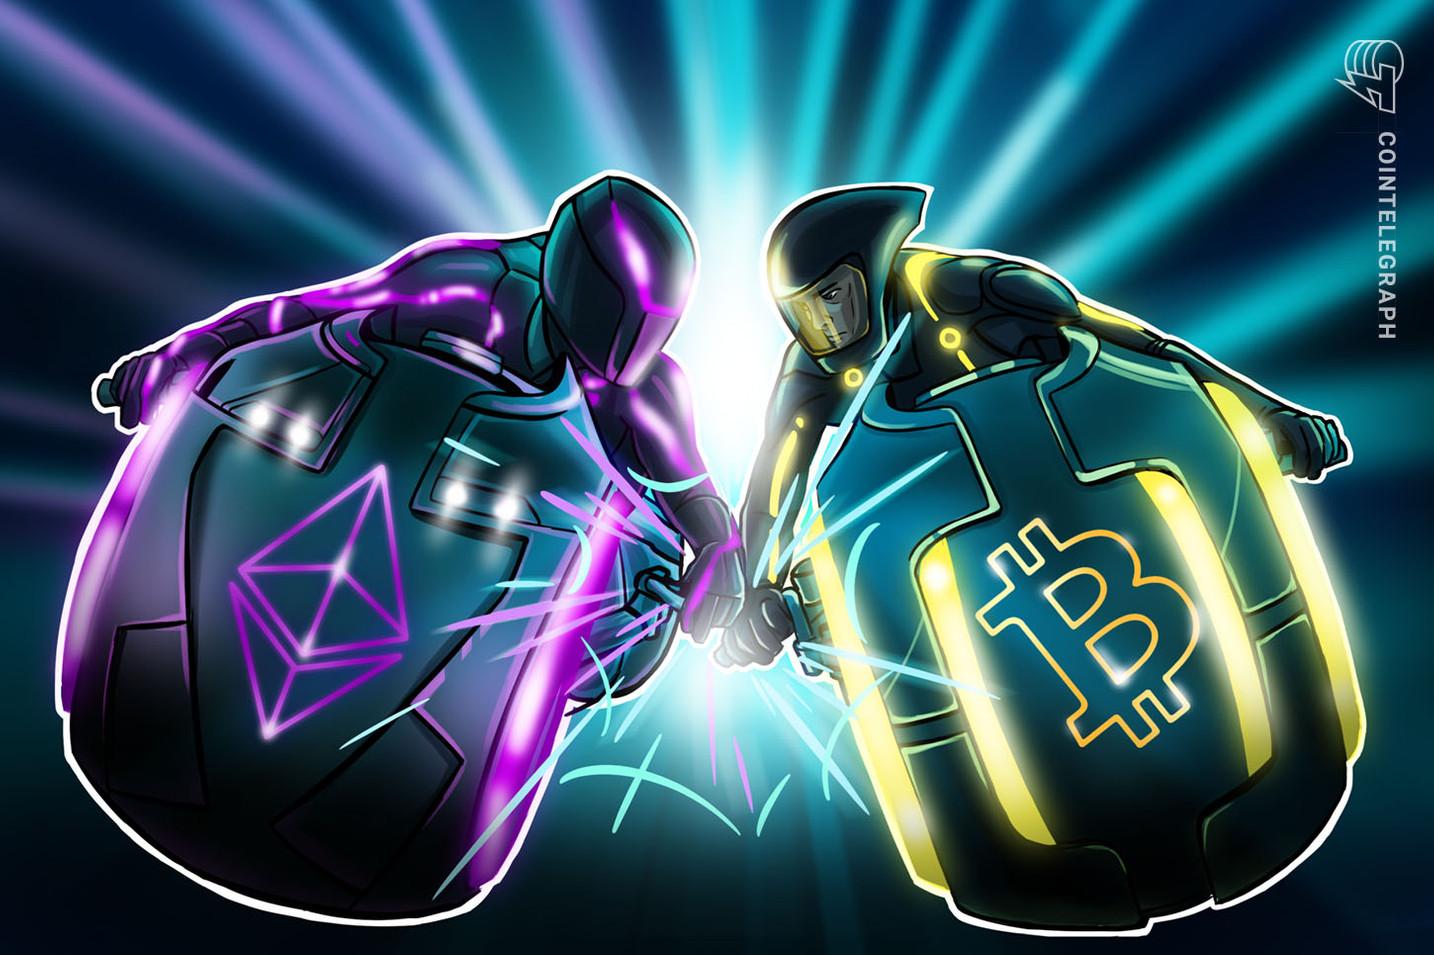 Los analistas de Goldman Sachs creen que la popularidad de Ethereum podría convertir a ETH en la reserva de valor dominante